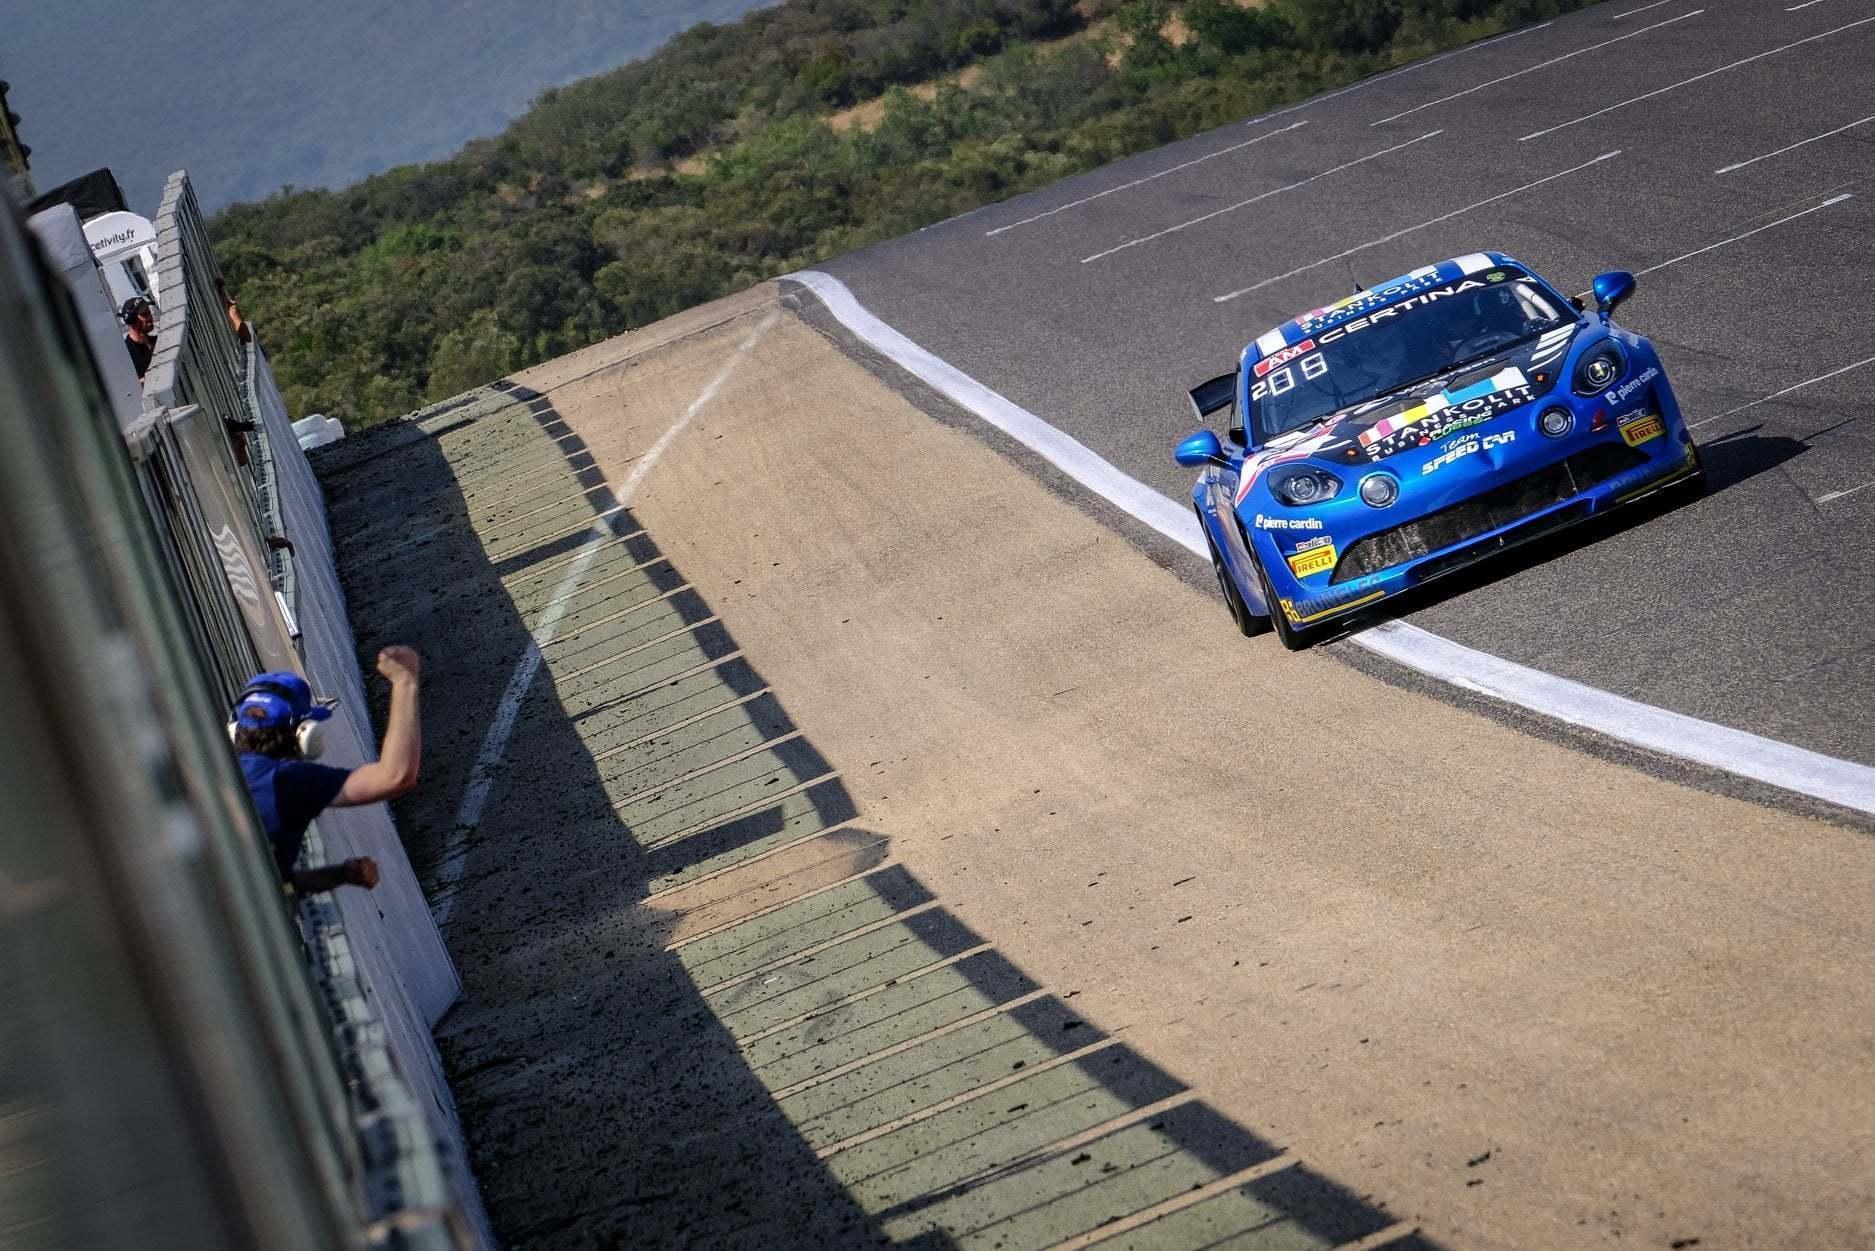 FFSA GT4 Circuit Lédenon Course 1 2019 Bodemer CMR Alpine A110 10 | FFSA GT: Rédélé Compétition s'impose à Lédenon ! (Course 1)